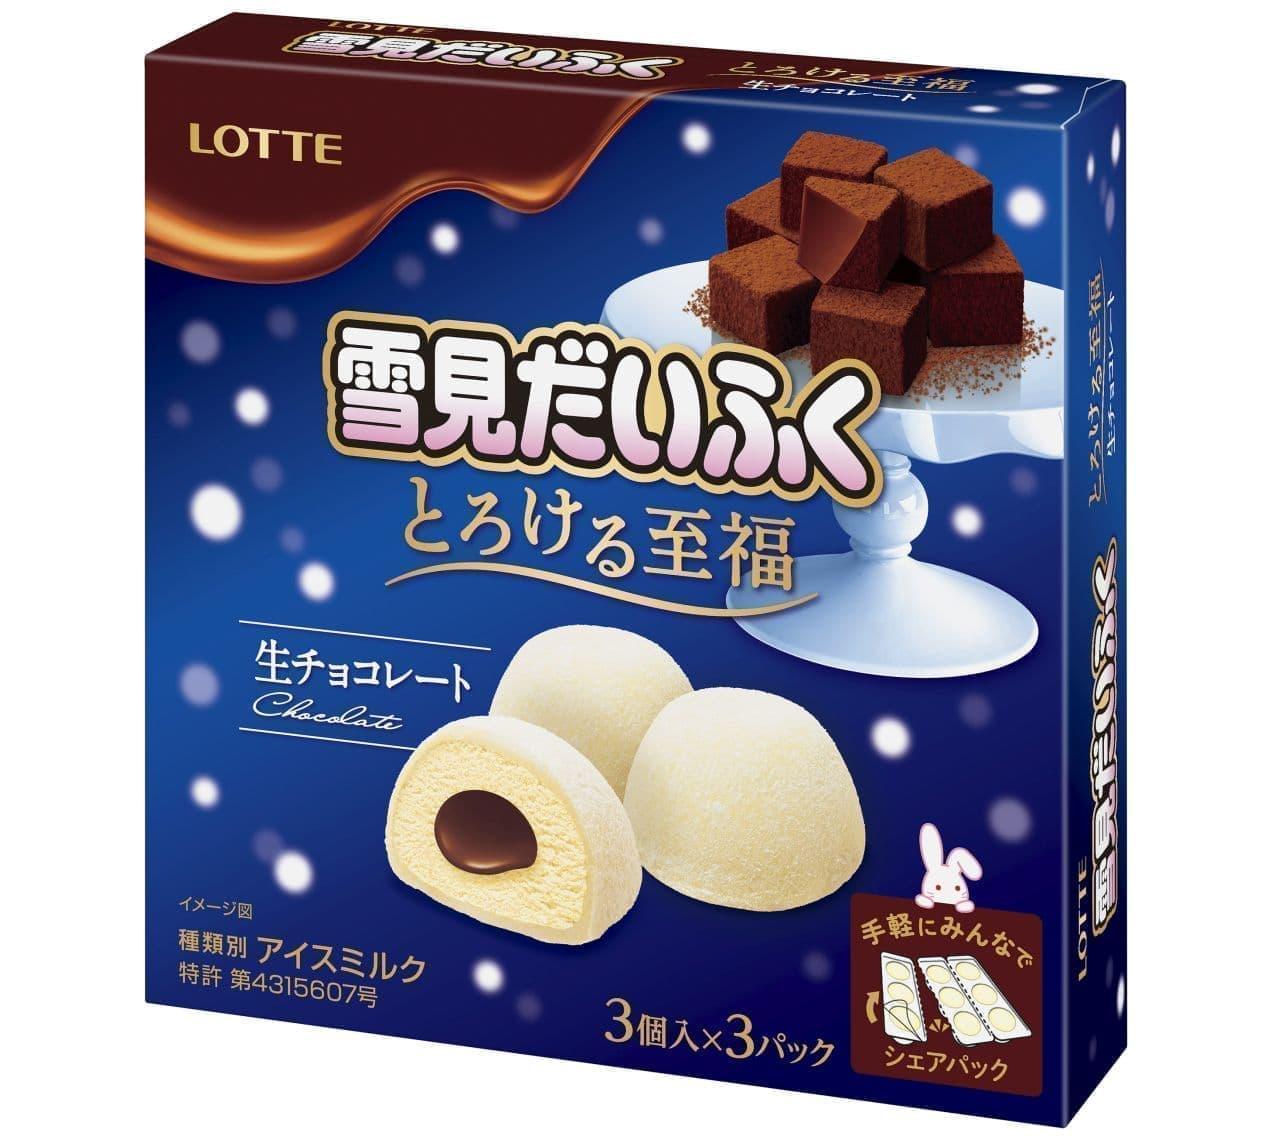 ロッテ「雪見だいふく とろける至福 生チョコレート」